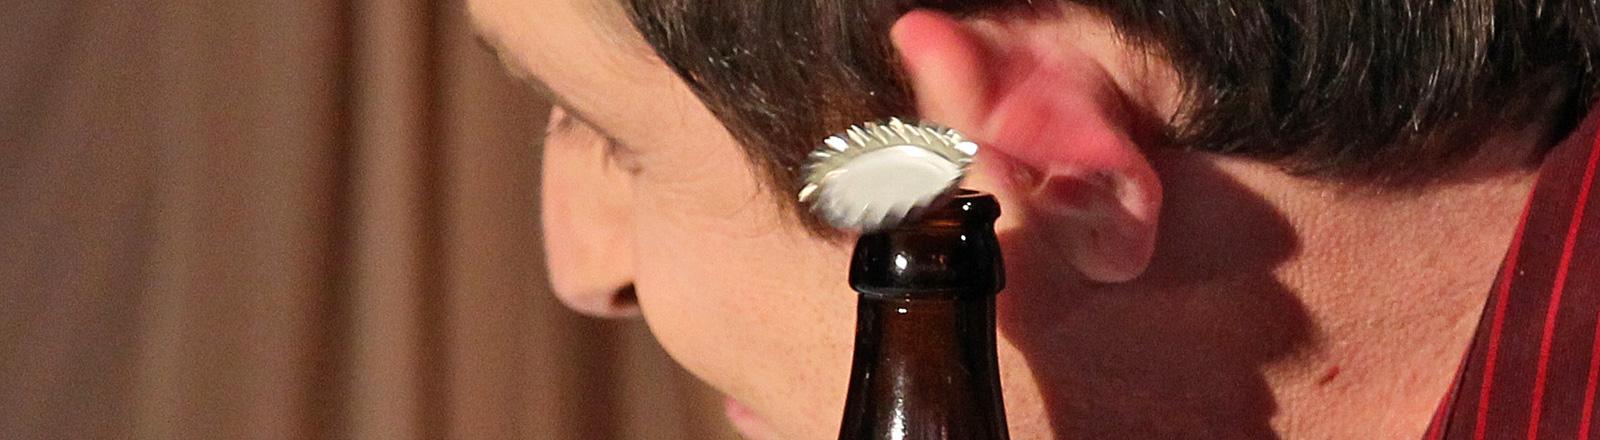 """Wettkandidat Tobias Berger schnippst mit seinem Ohr Kronkorken in Biergläser (12.02.2011) bei """"Wetten, dass..?""""; Bild: dpa"""